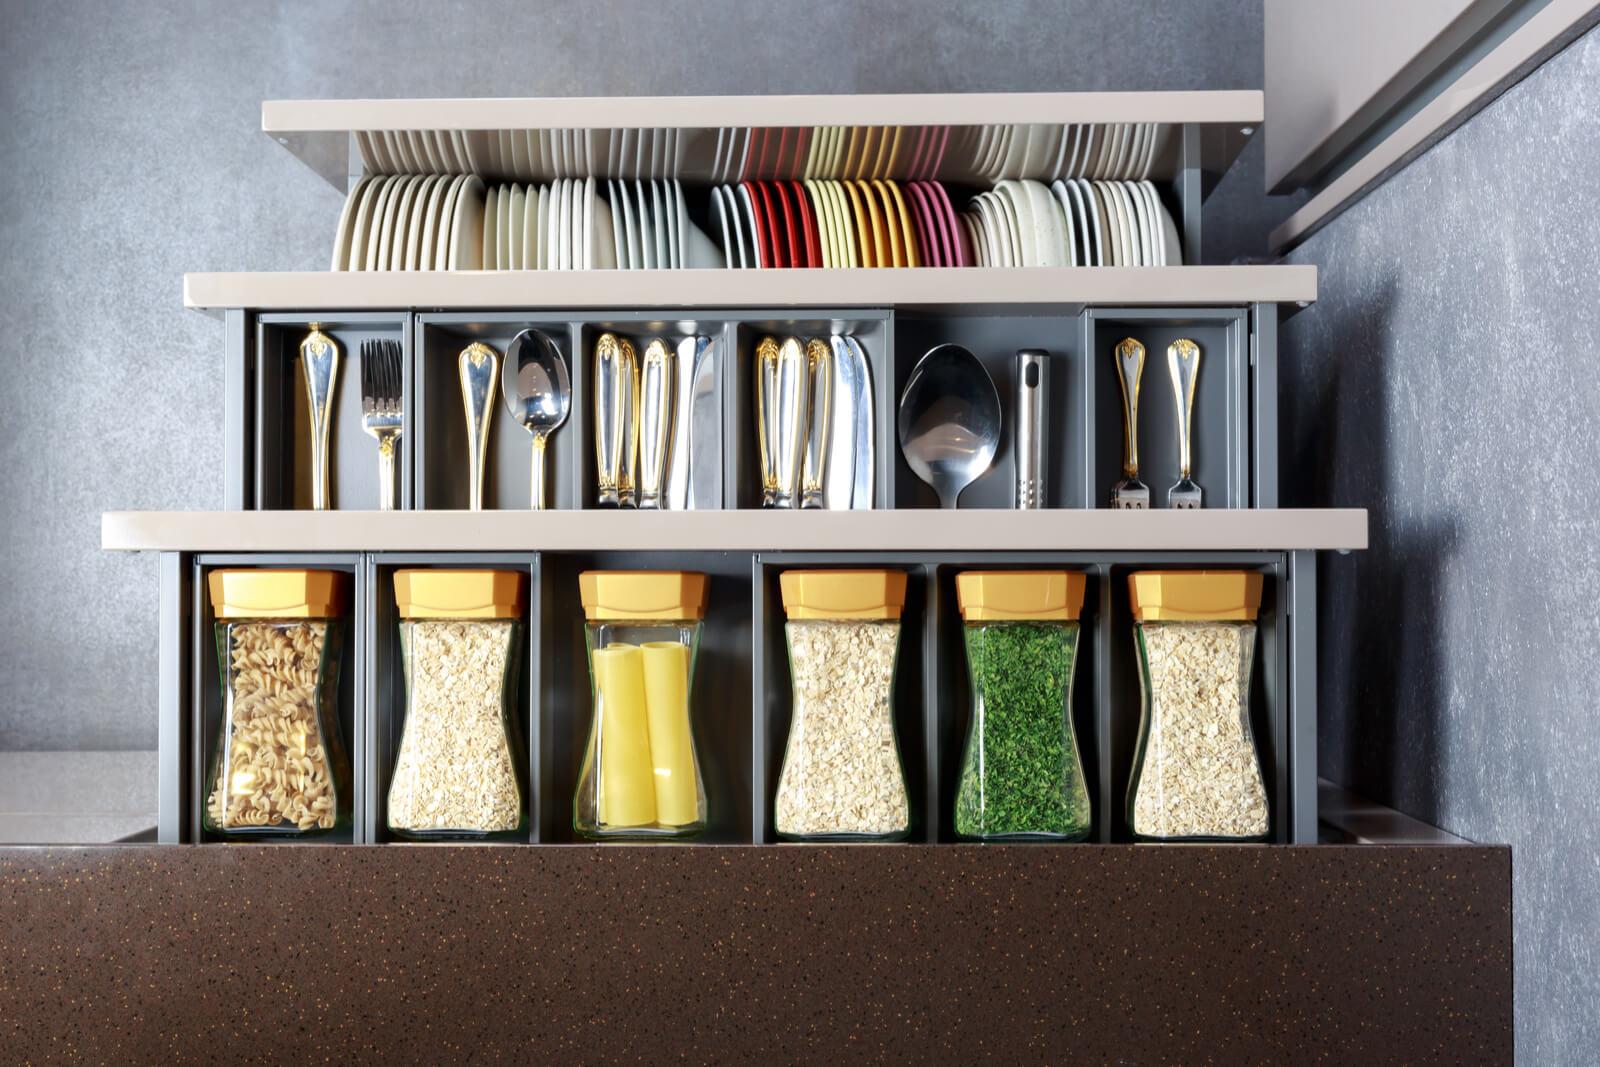 Full Size of Ikea Hacks Aufbewahrung Besten Fr Ein Personalisiertes Zuhause Holzkche Kche Bett Mit Küche Kaufen Aufbewahrungsbox Garten Modulküche Betten Wohnzimmer Ikea Hacks Aufbewahrung